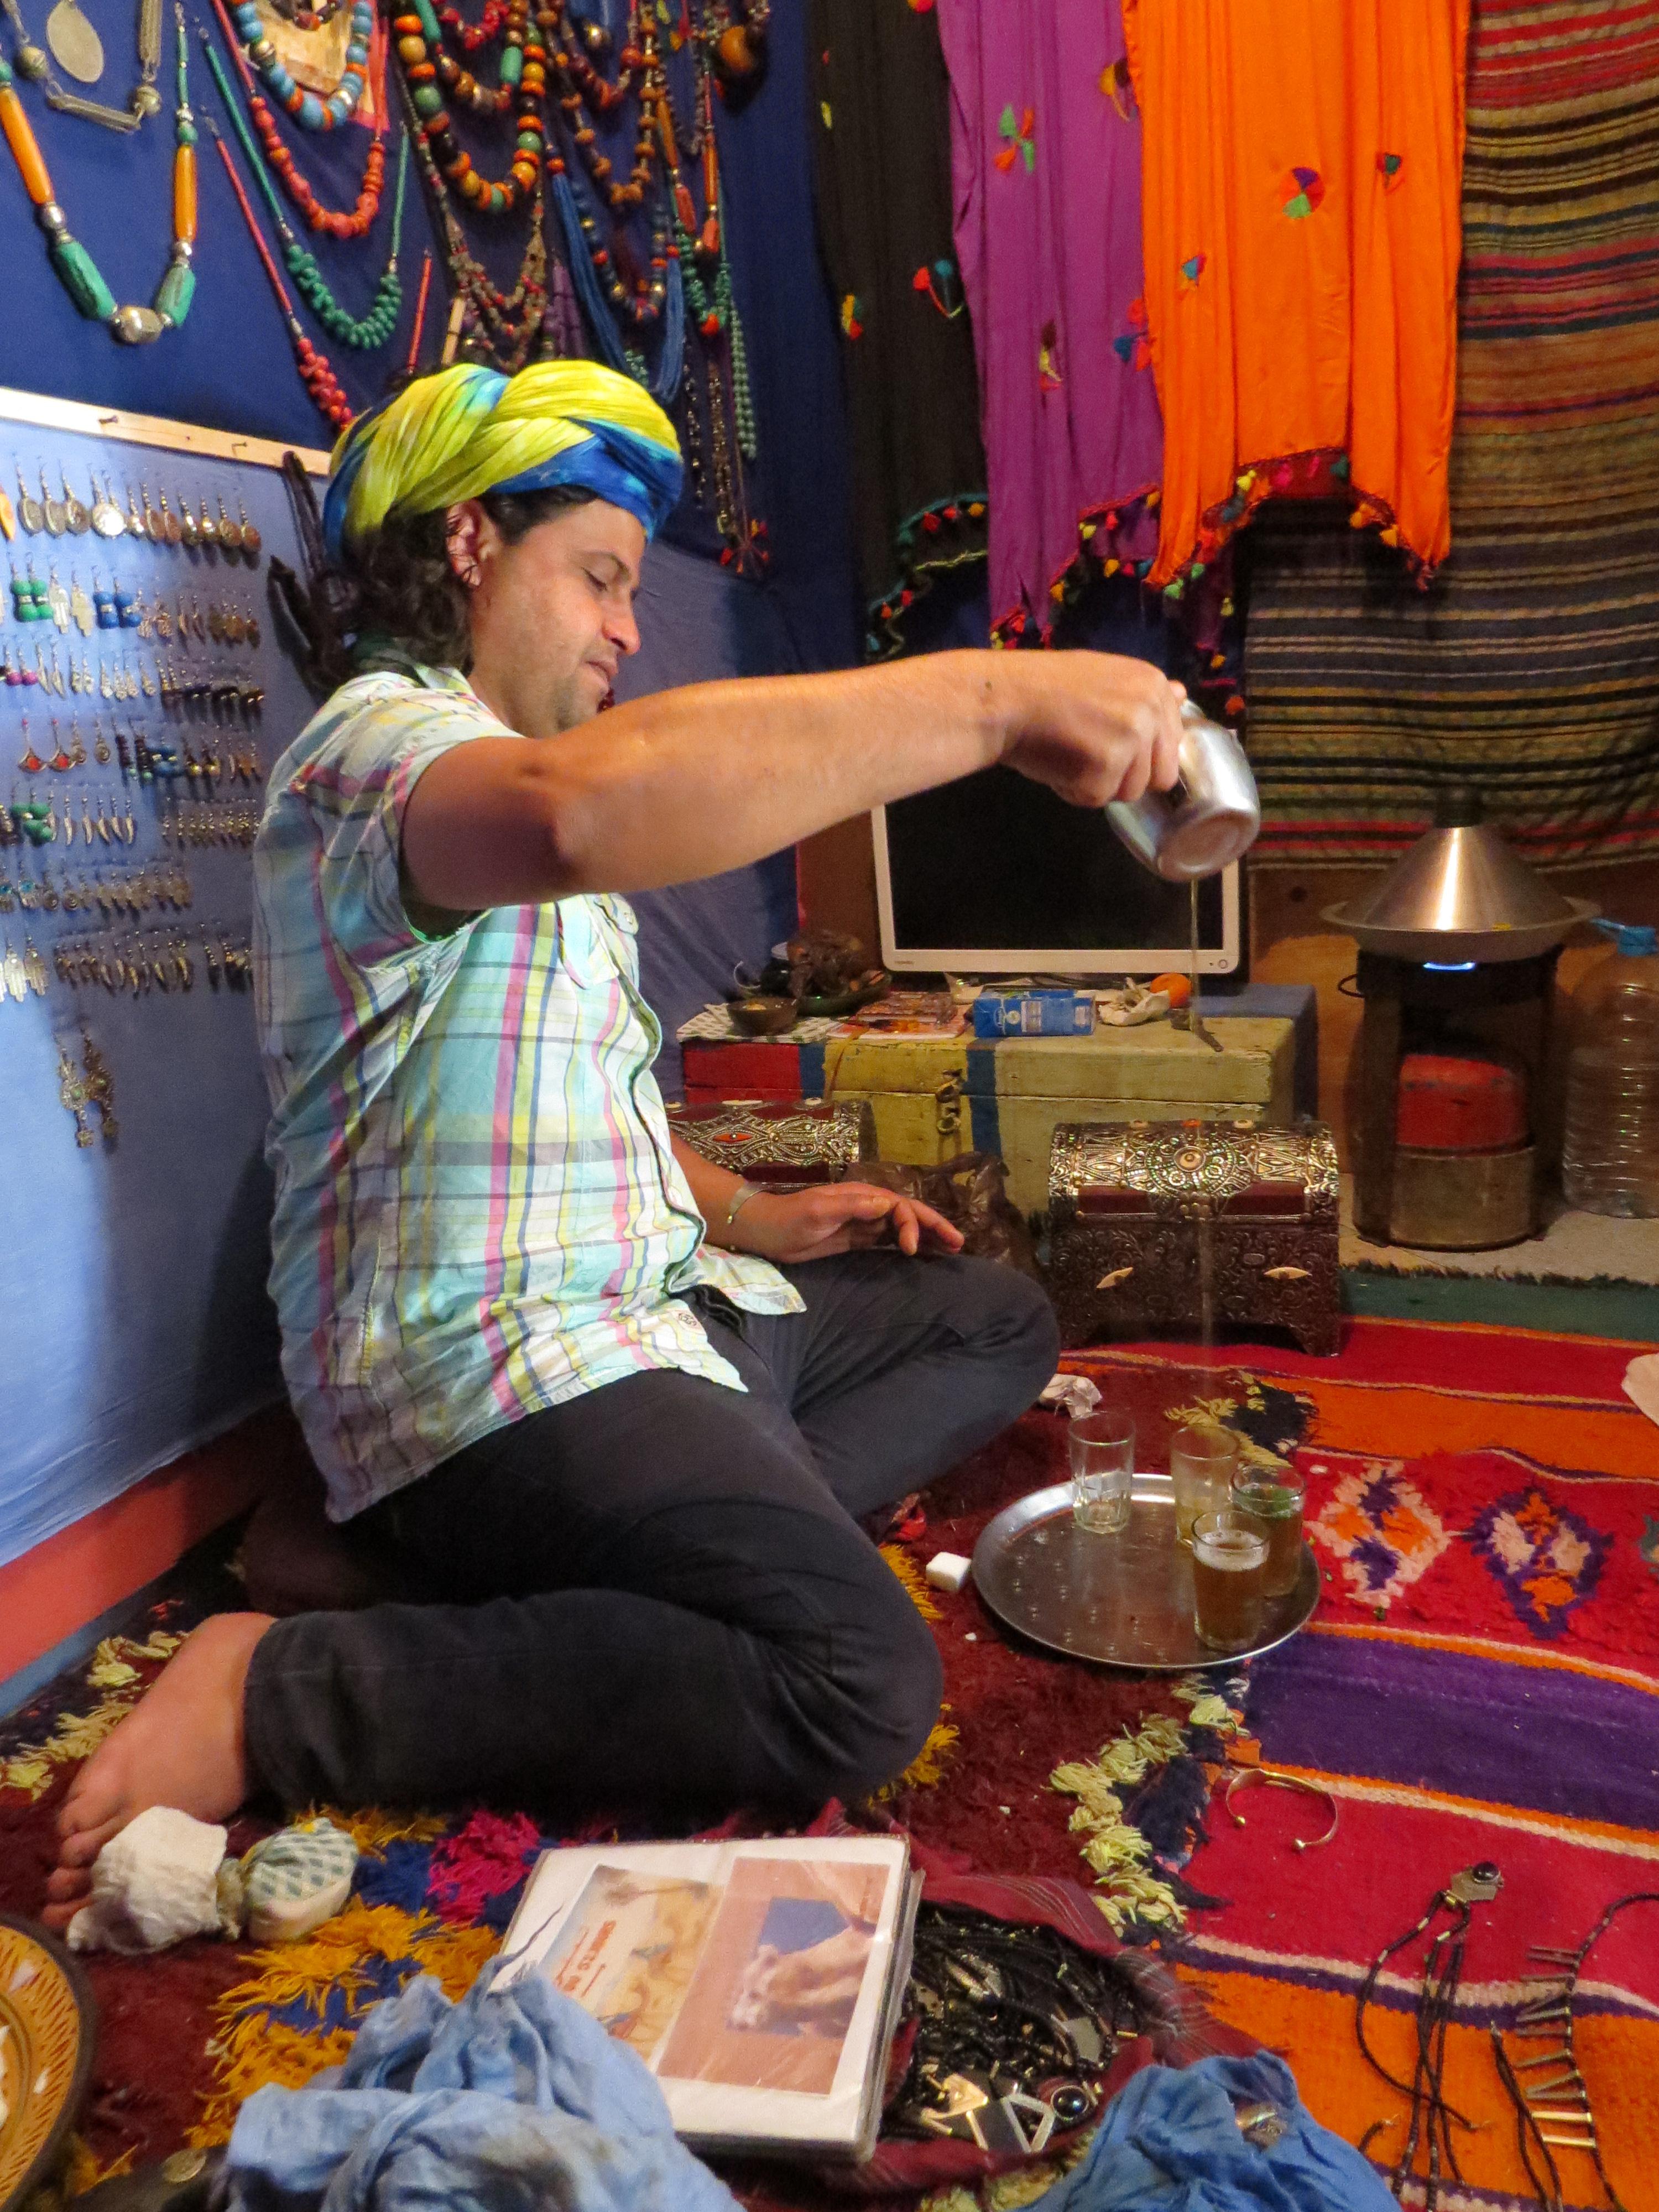 maroko, targowanie sie w maroku, herbata marokańska, miętowa herbata marakańska, taghazout,